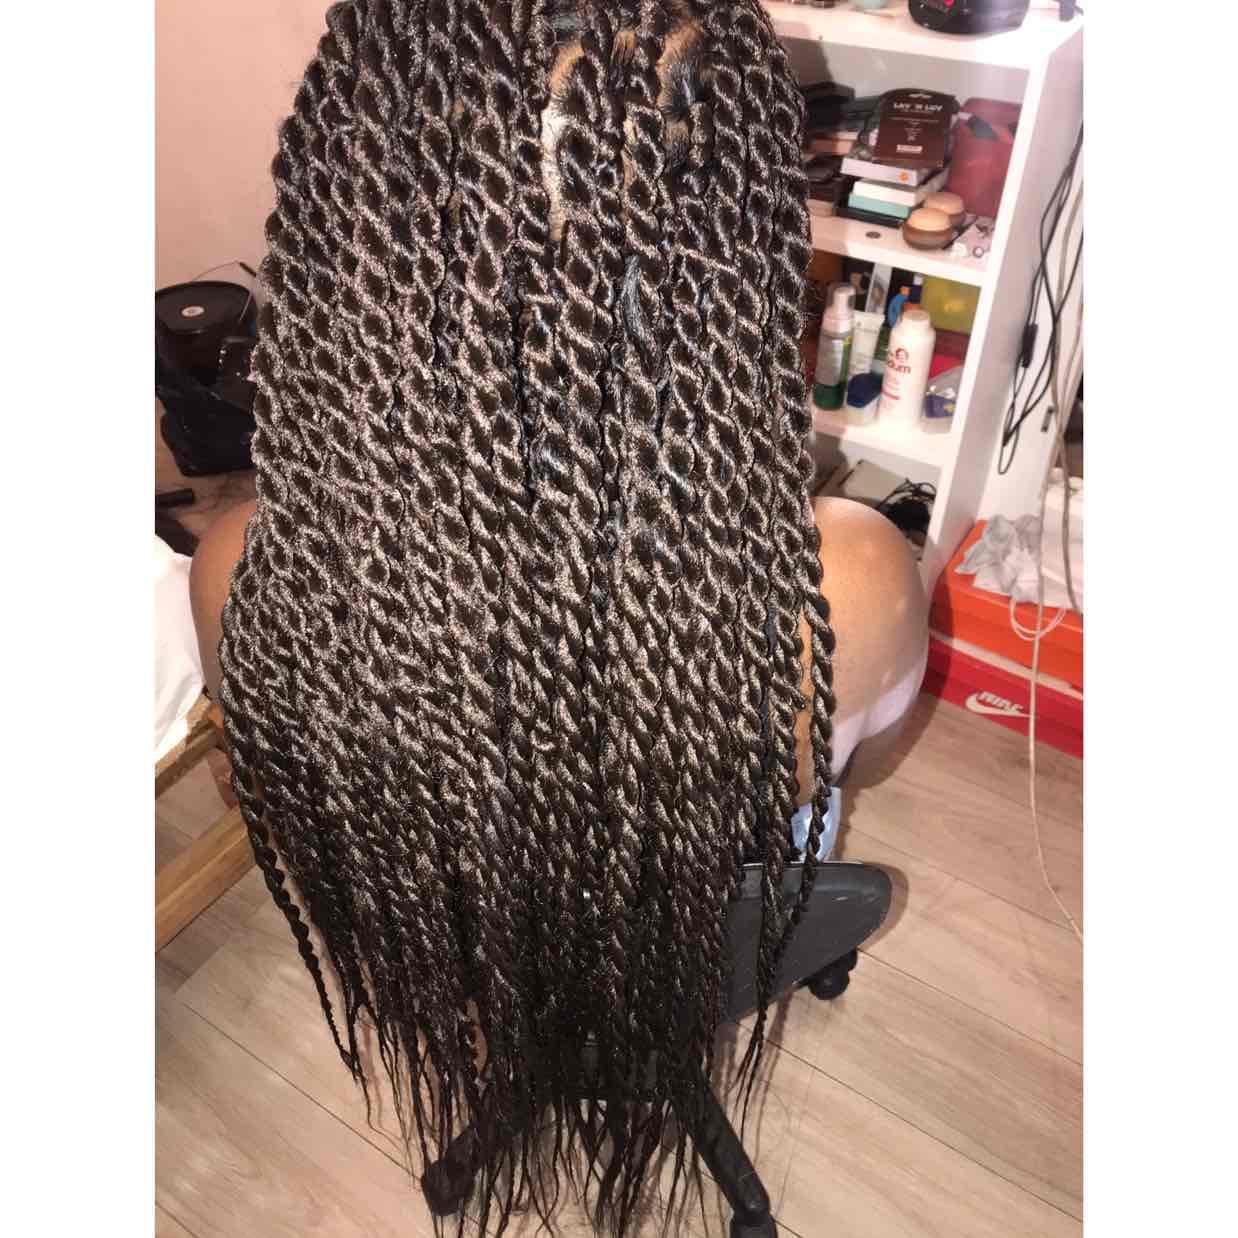 salon de coiffure afro tresse tresses box braids crochet braids vanilles tissages paris 75 77 78 91 92 93 94 95 SMMAWVAT